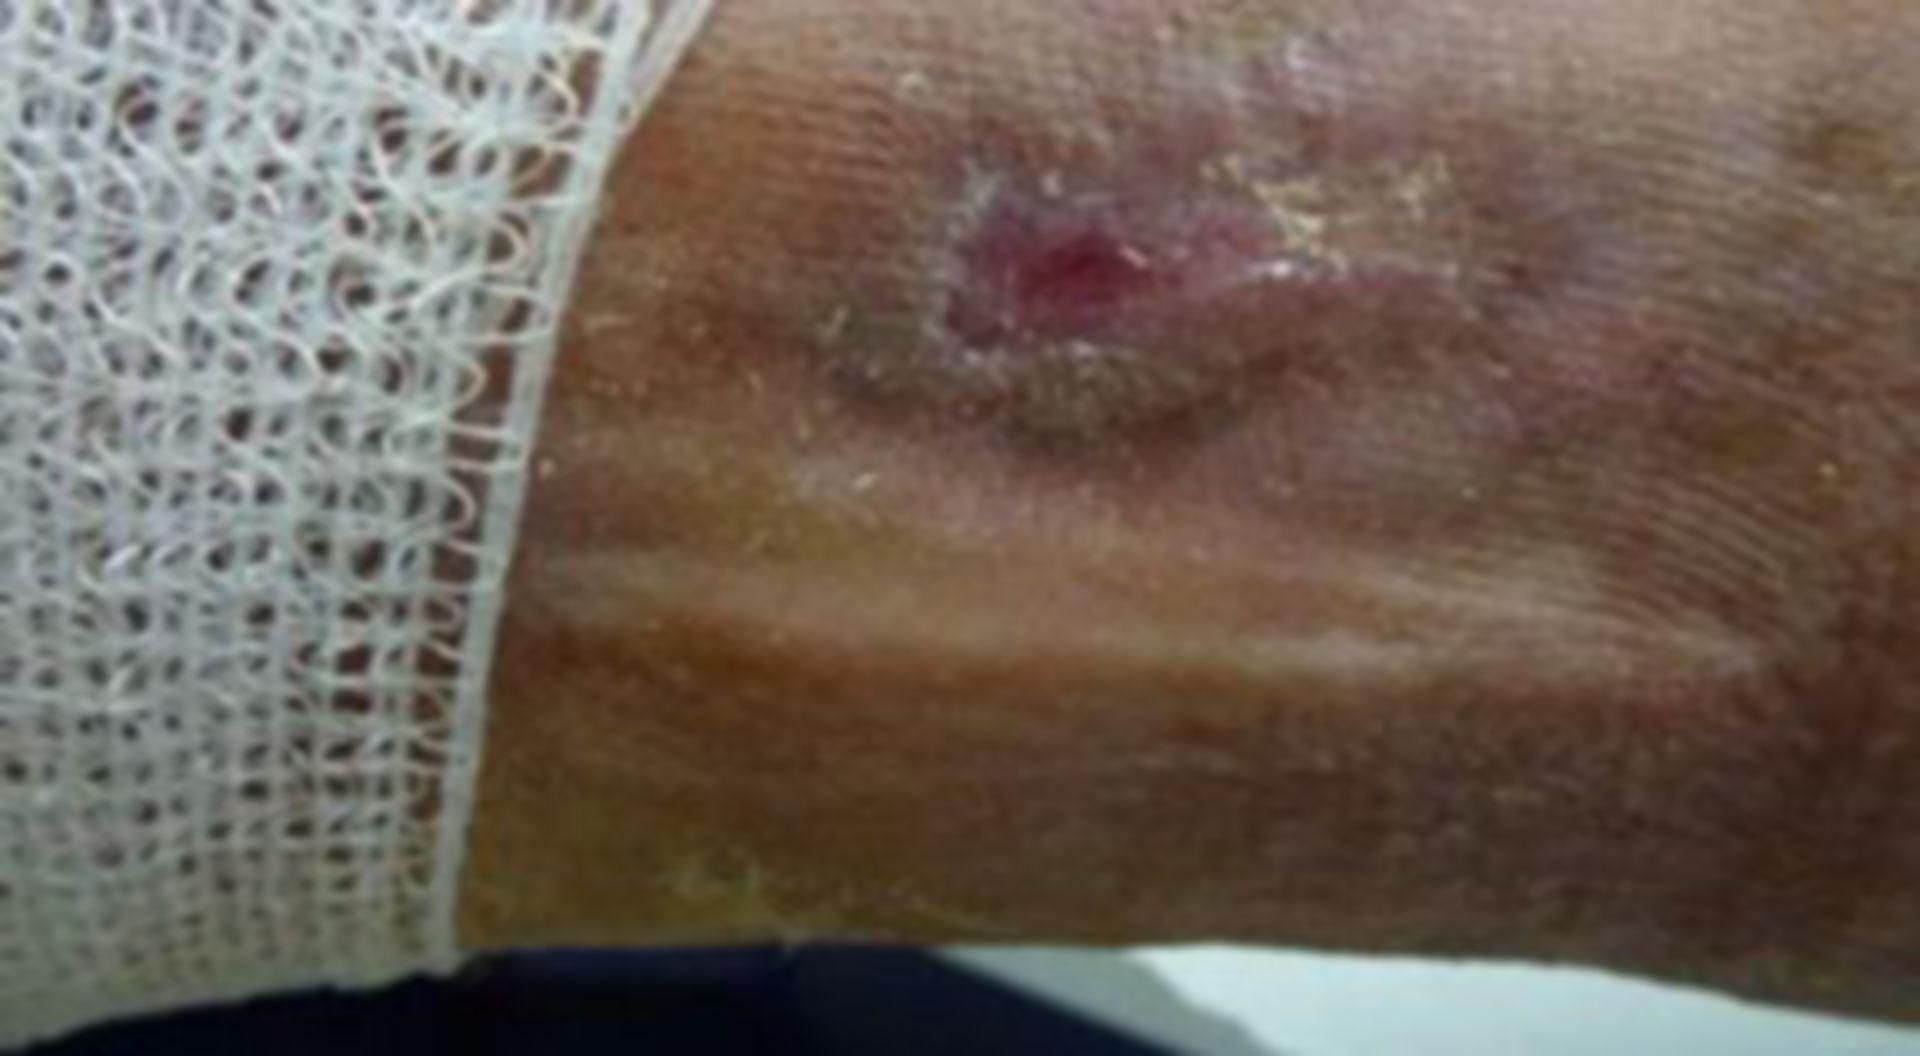 Úlcera de la pierna - abierta por 18 meses (11)